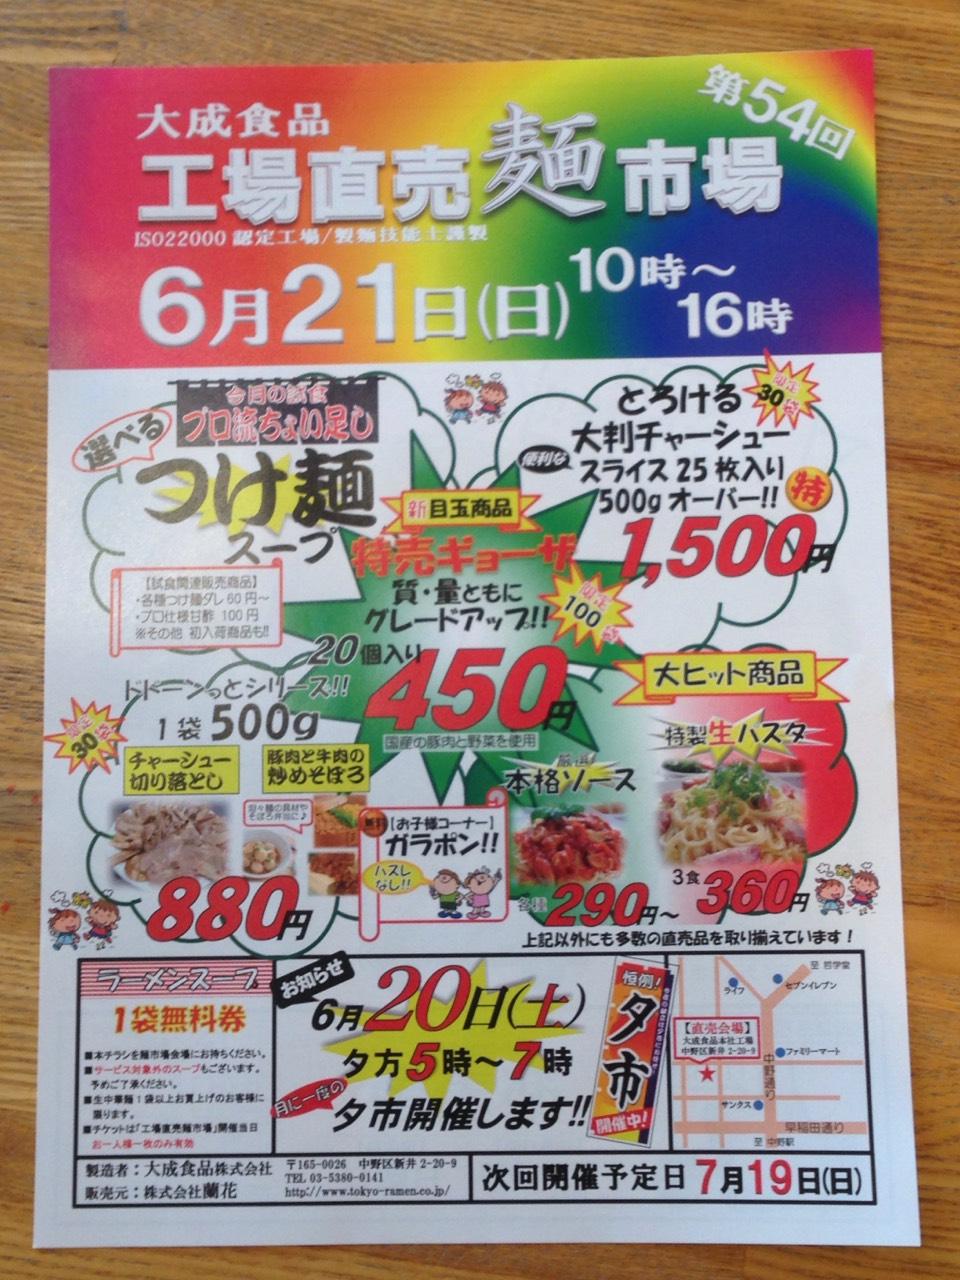 6月の大成麺市場チラシ